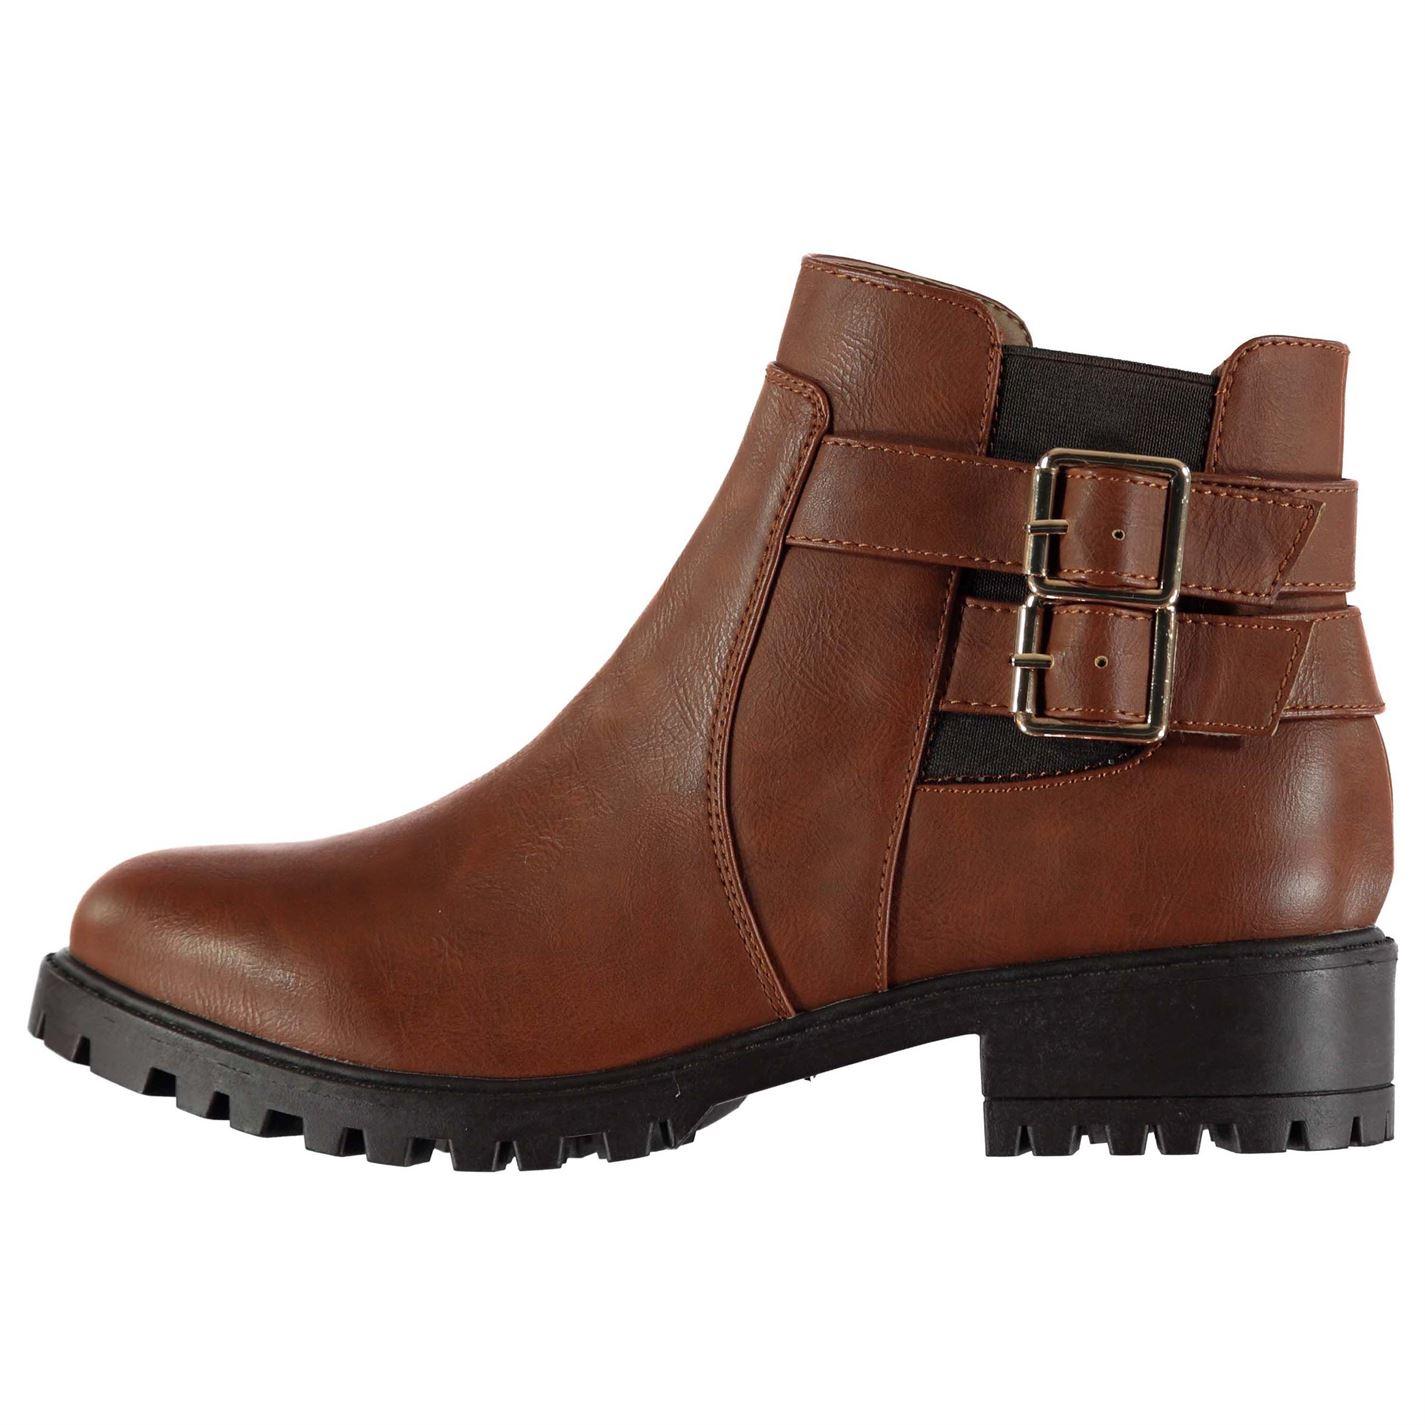 Miso Cojito Boots Ladies